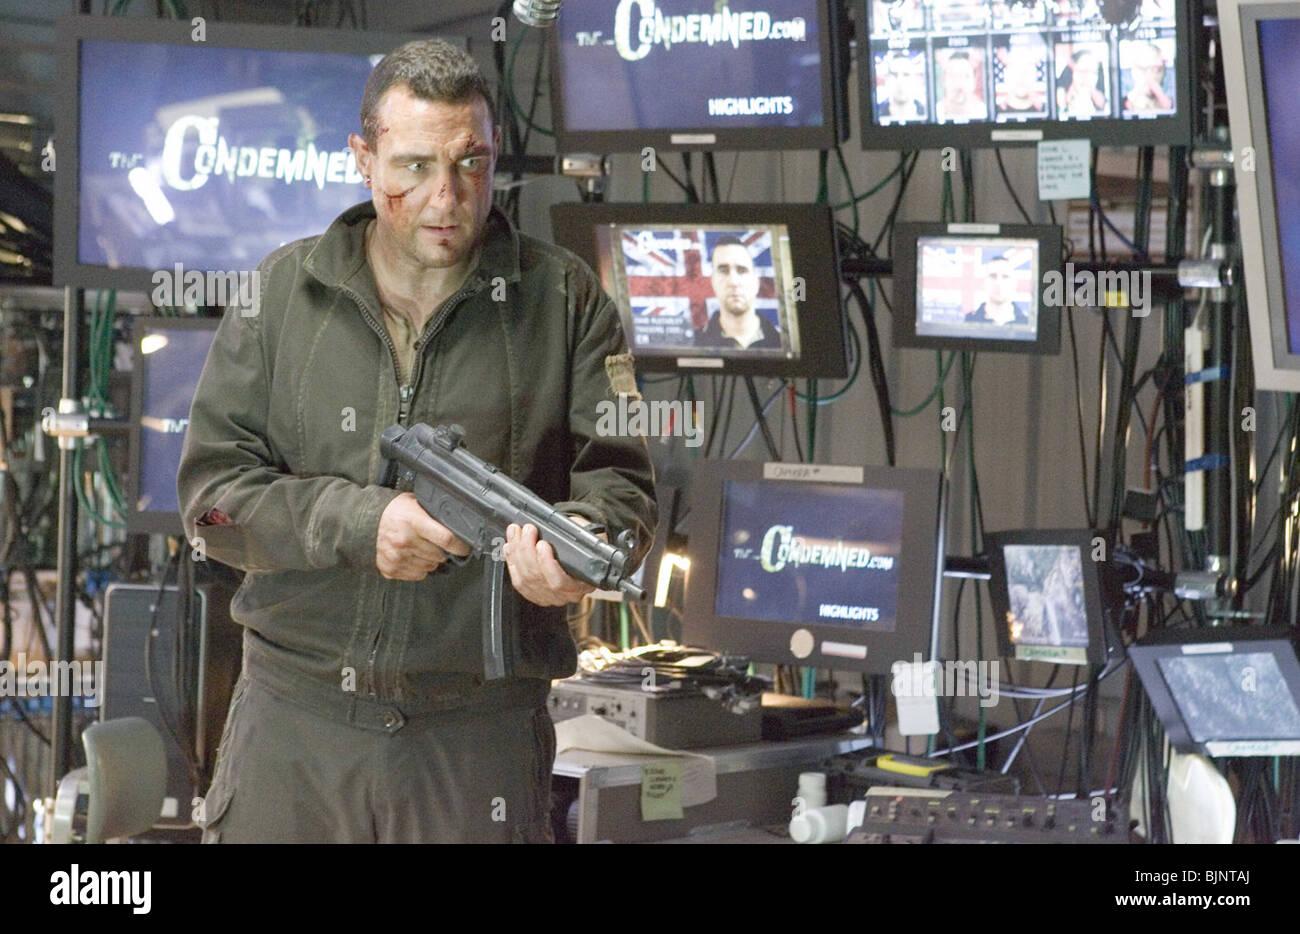 THE CONDEMNED (2007) VINNIE JONES SCOTT WIPER (DIR) 002 - Stock Image